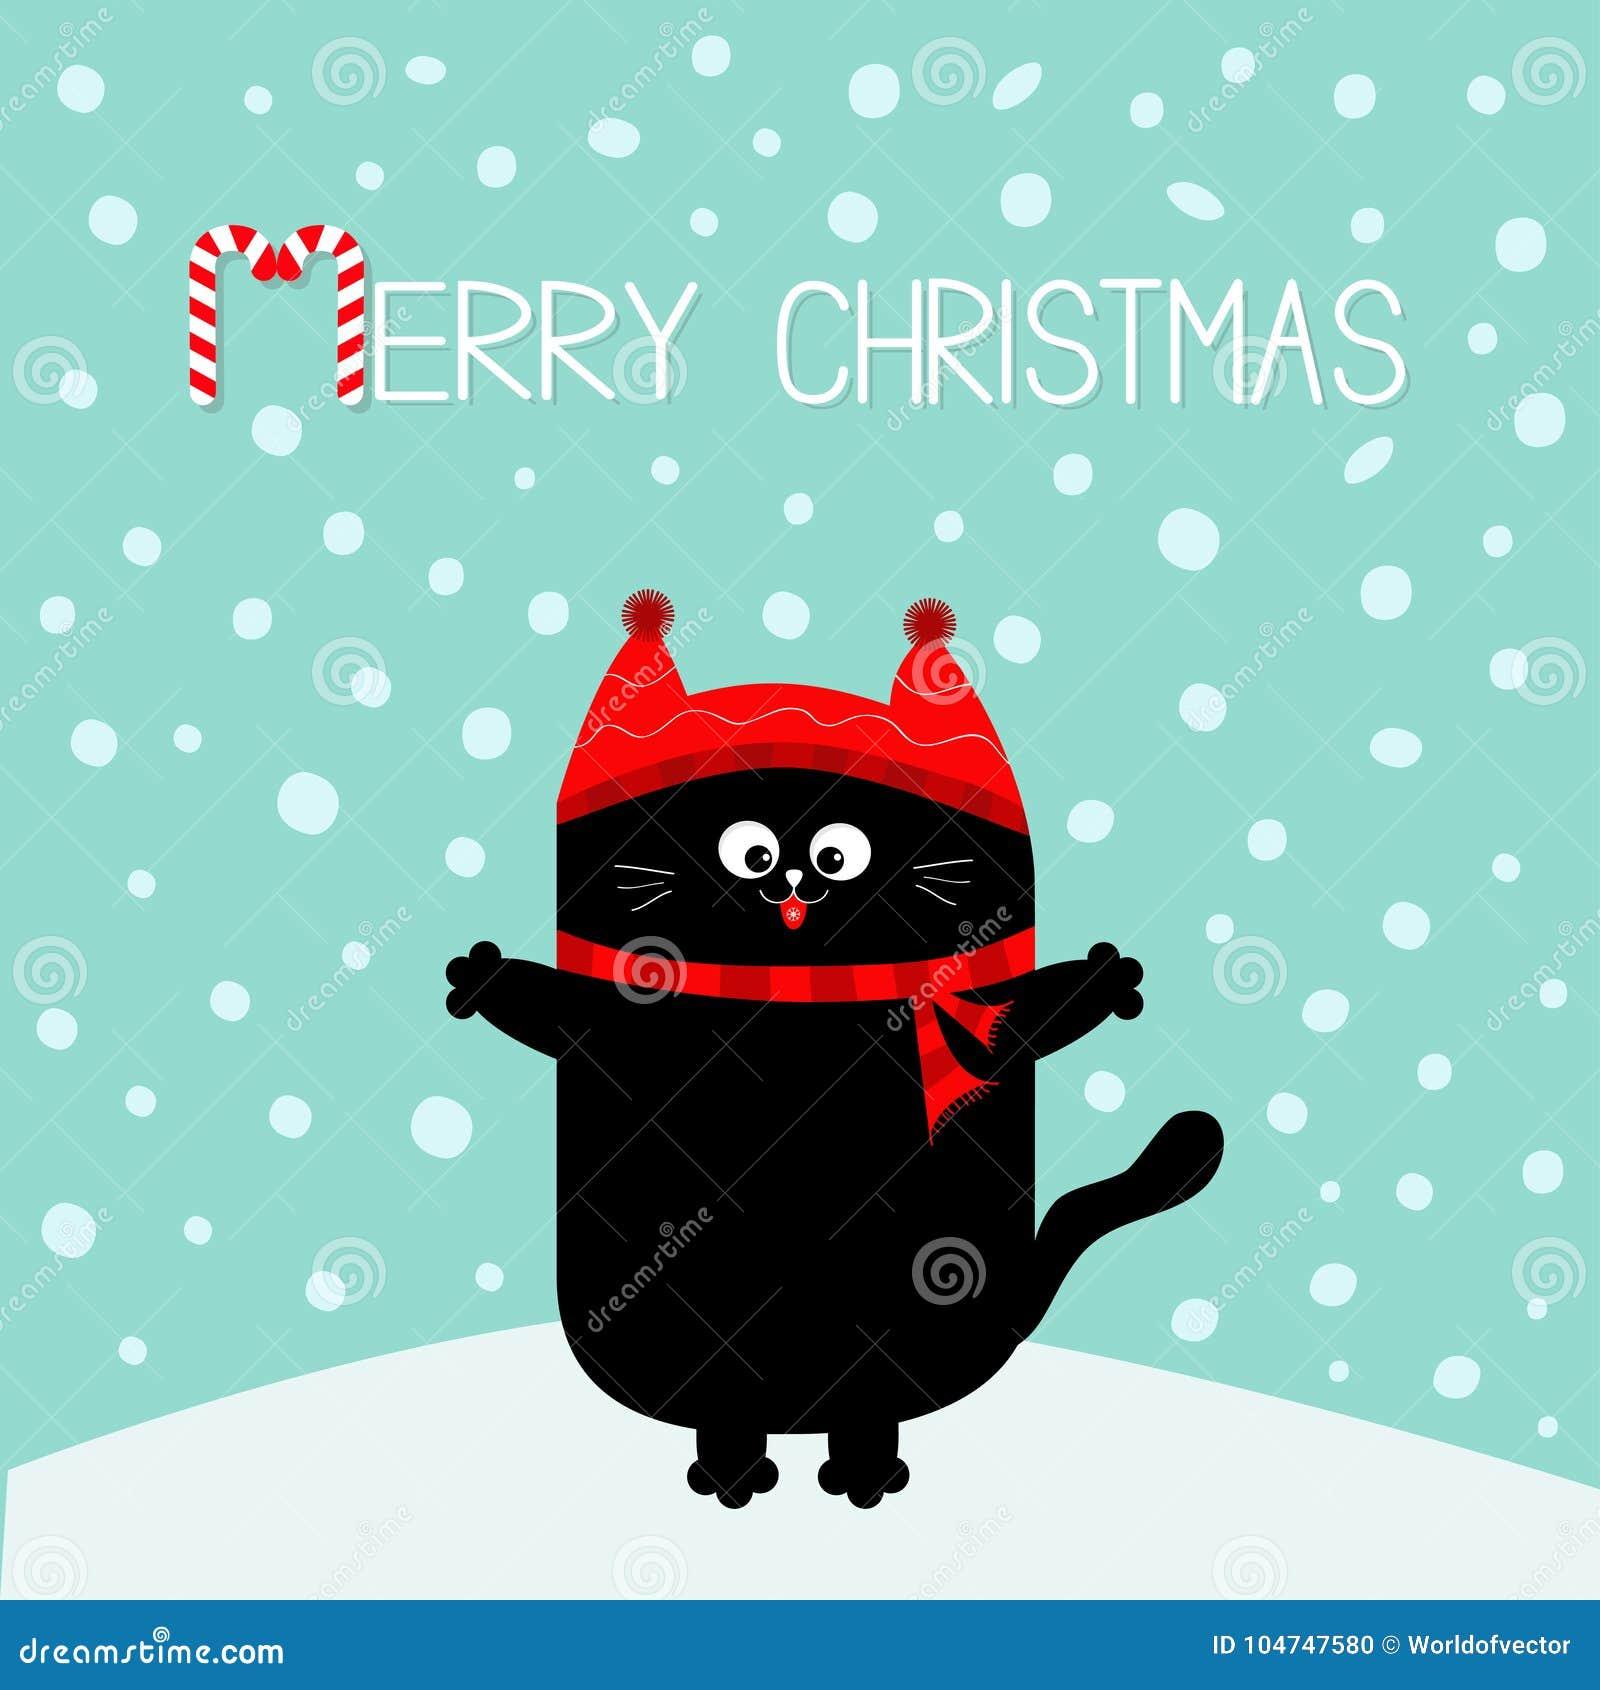 Lustige Bilder Frohe Weihnachten.Frohe Weihnacht Zuckerstangetext Kätzchen Der Schwarzen Katze Roter